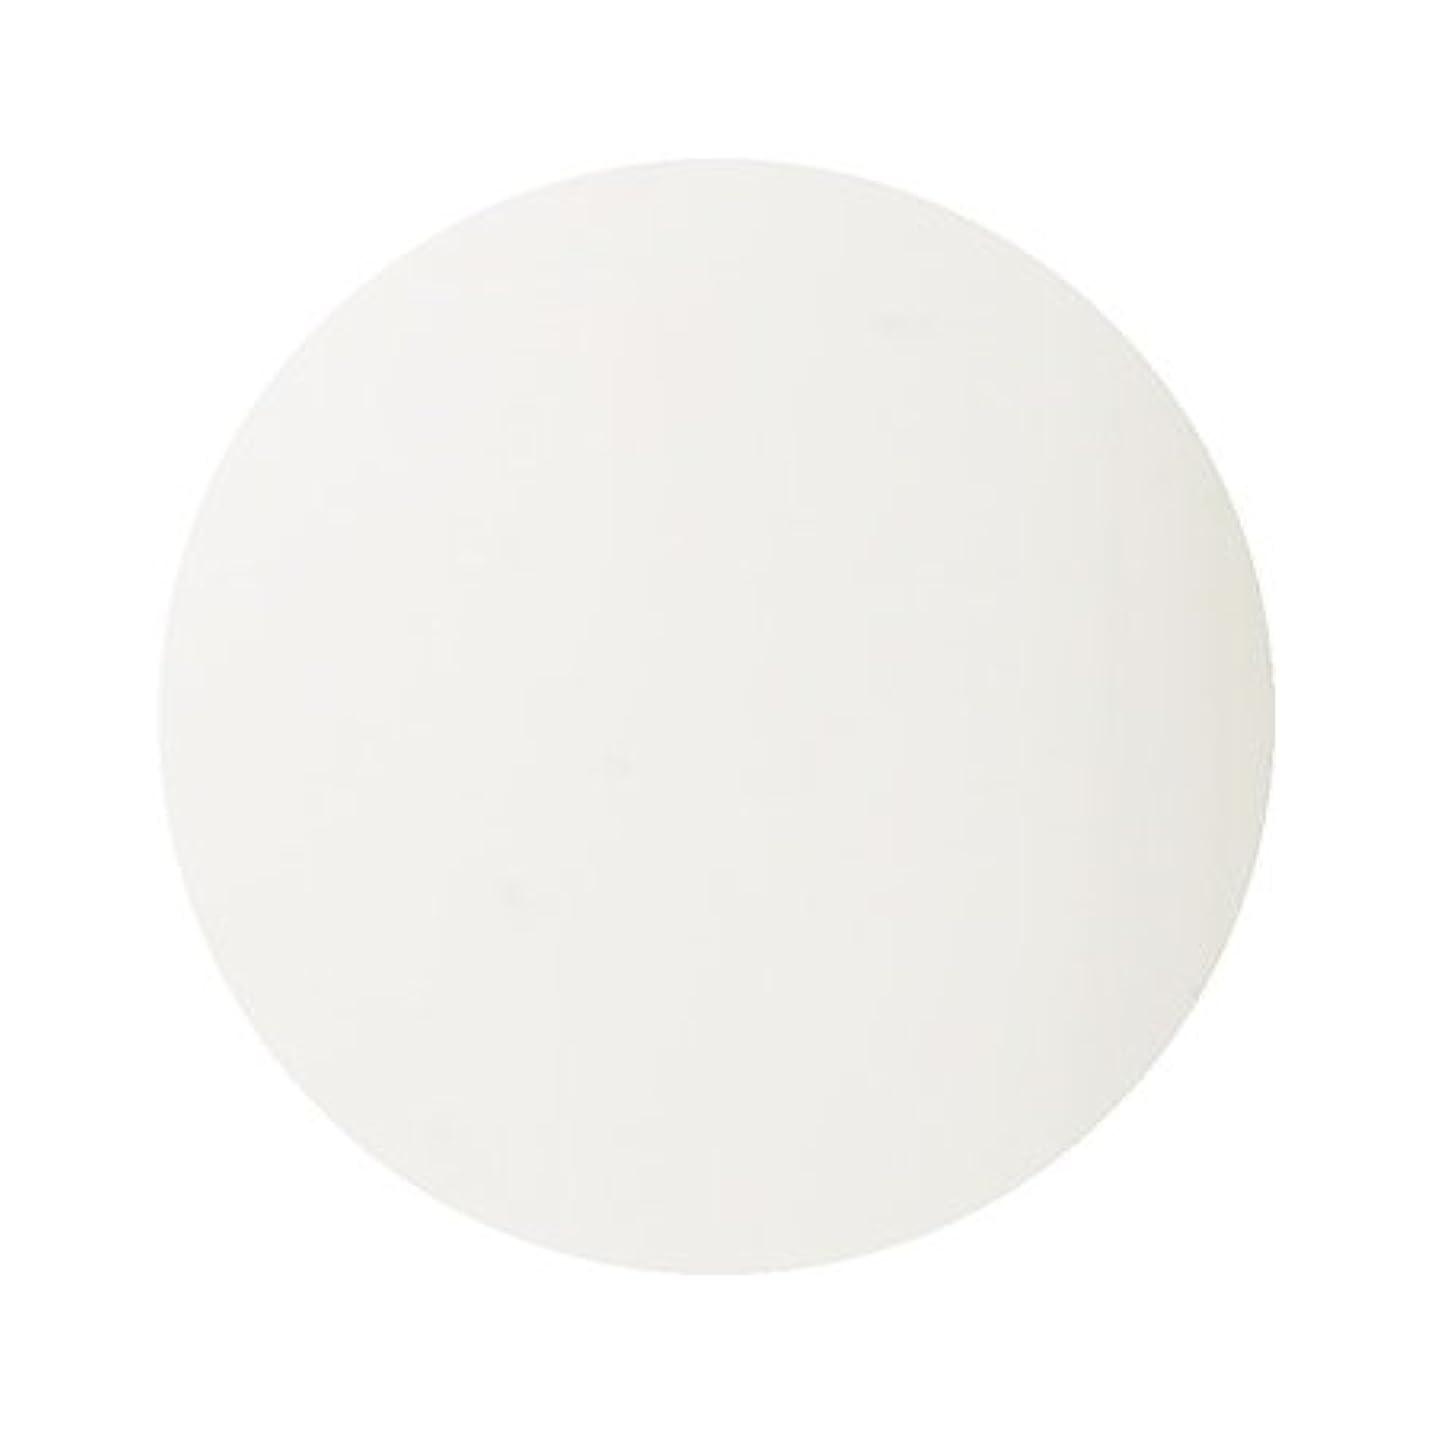 受け入れ圧縮された添加剤パラポリッシュ ハイブリッドカラージェル V1 ホワイト 7g